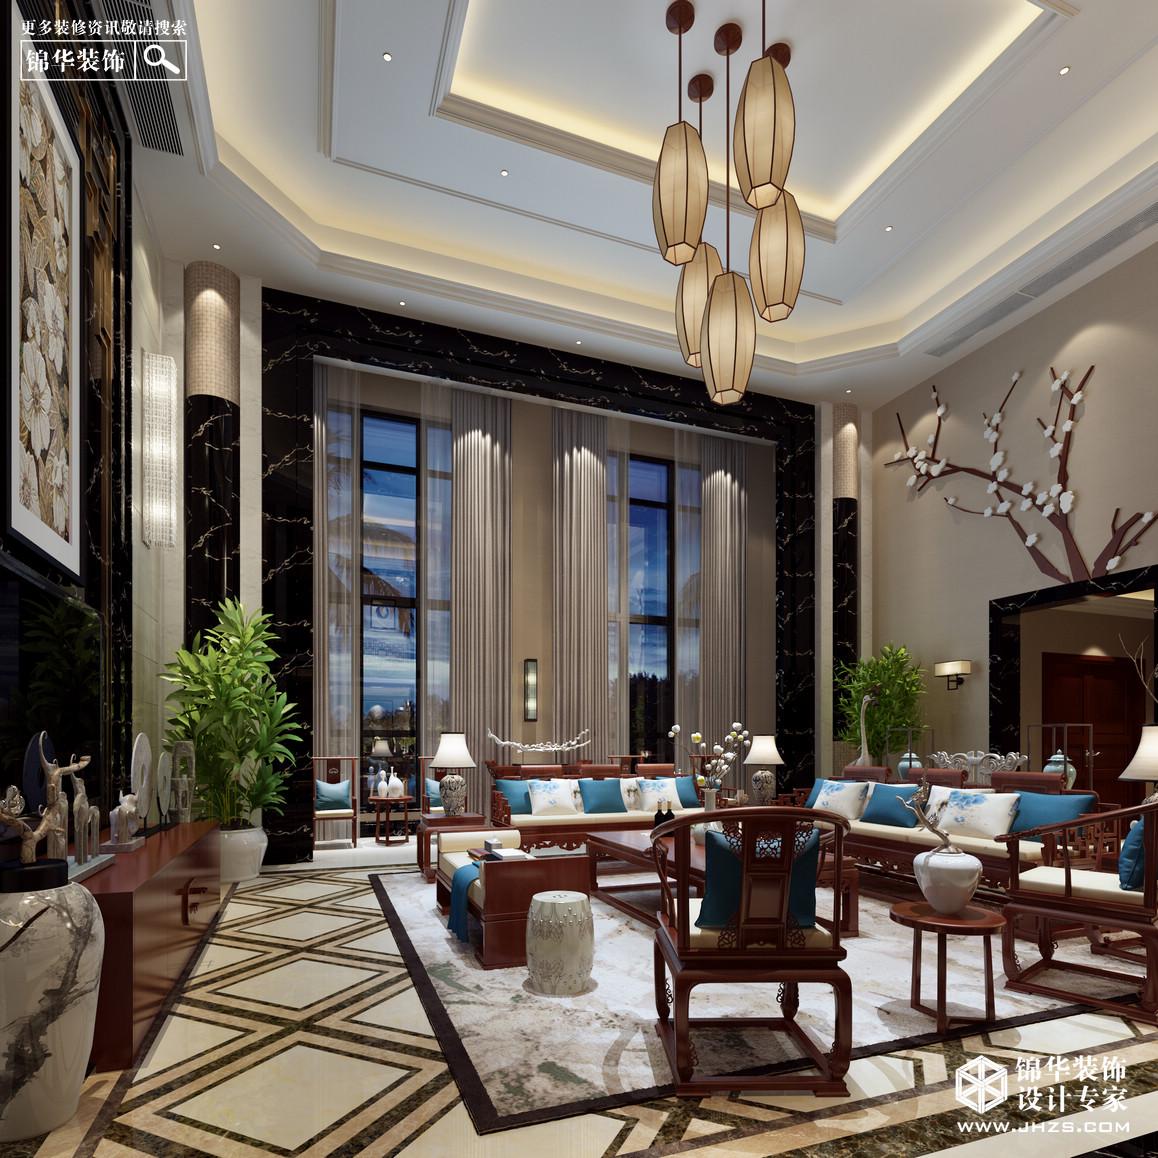 金马郦城装修-跃层复式-新中式